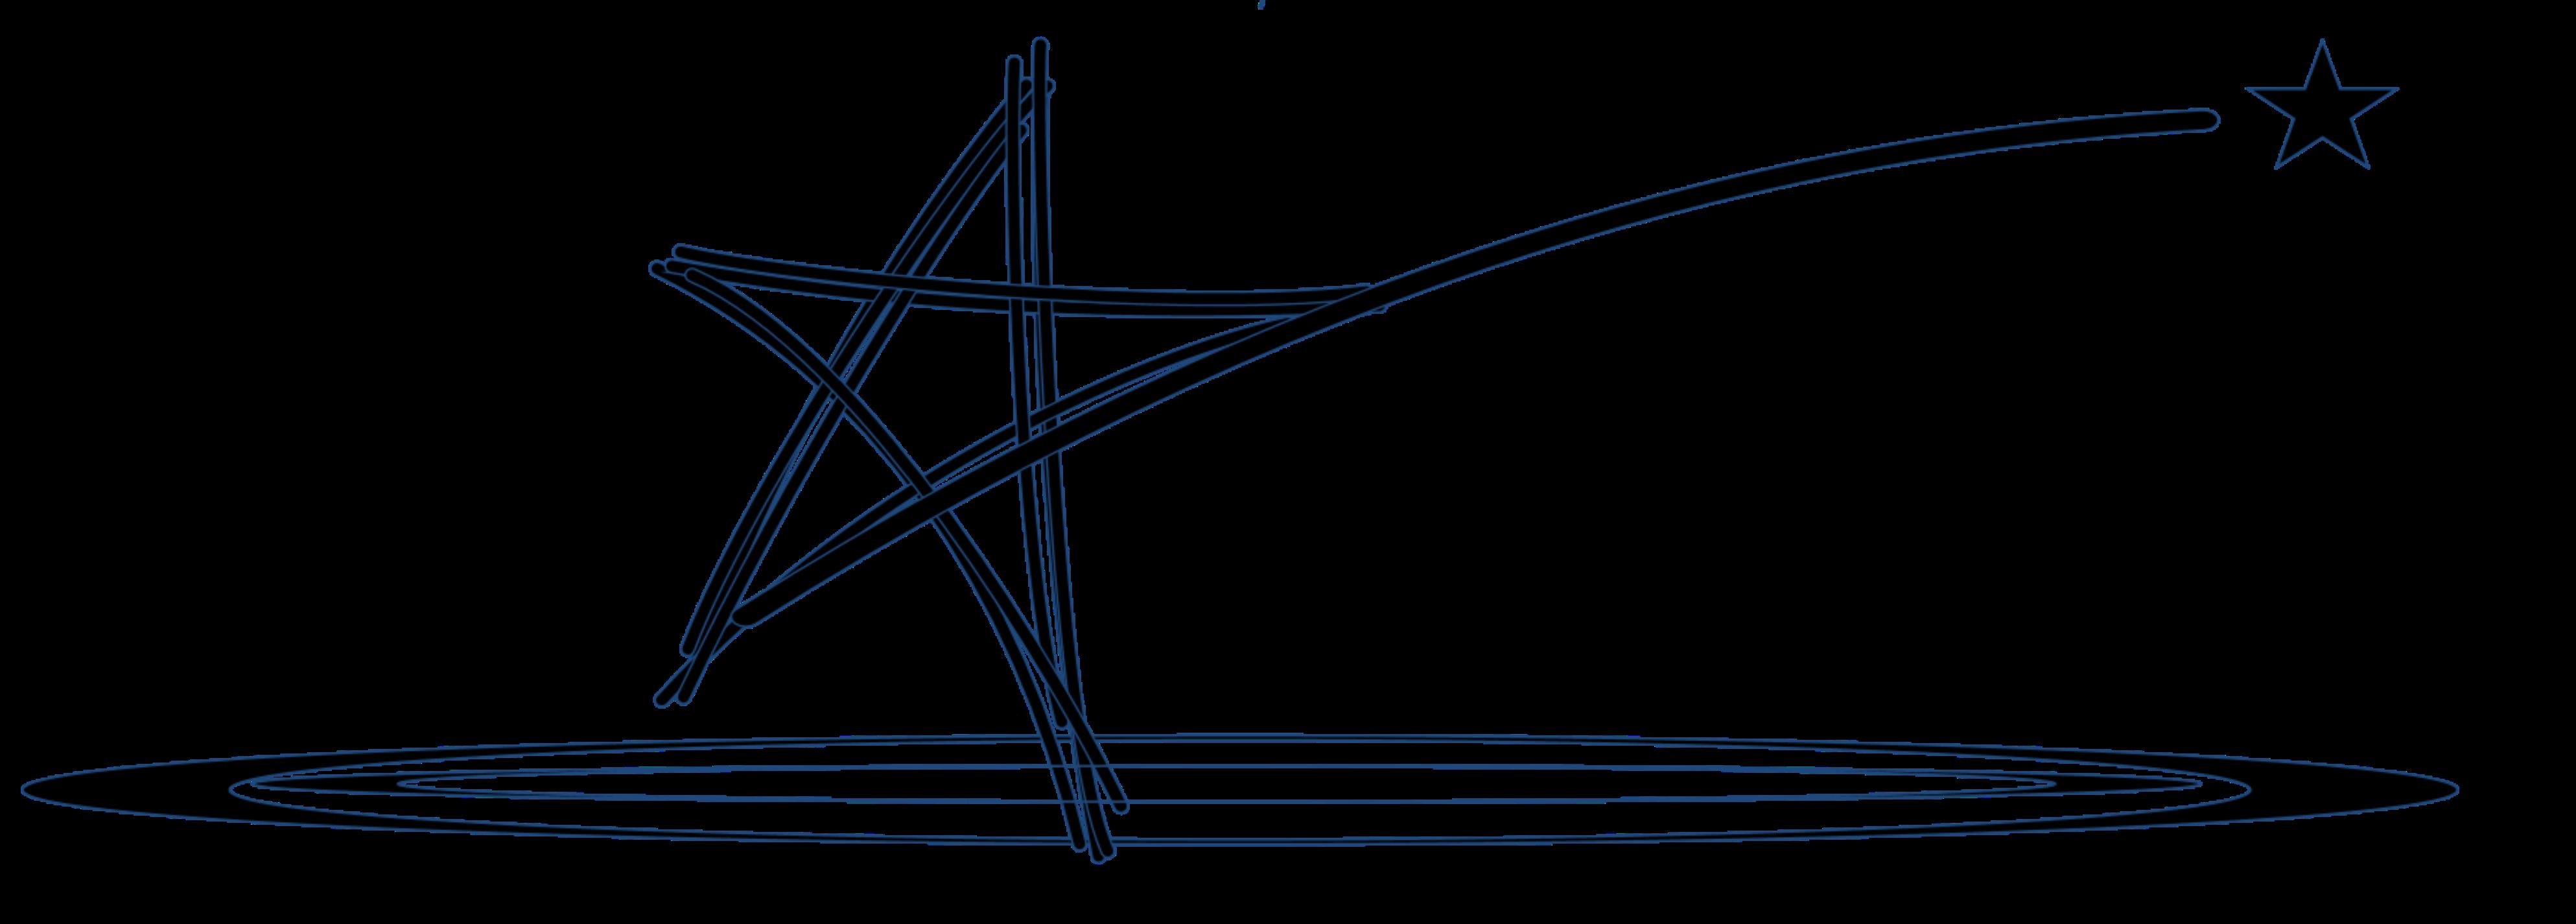 Starpond Software